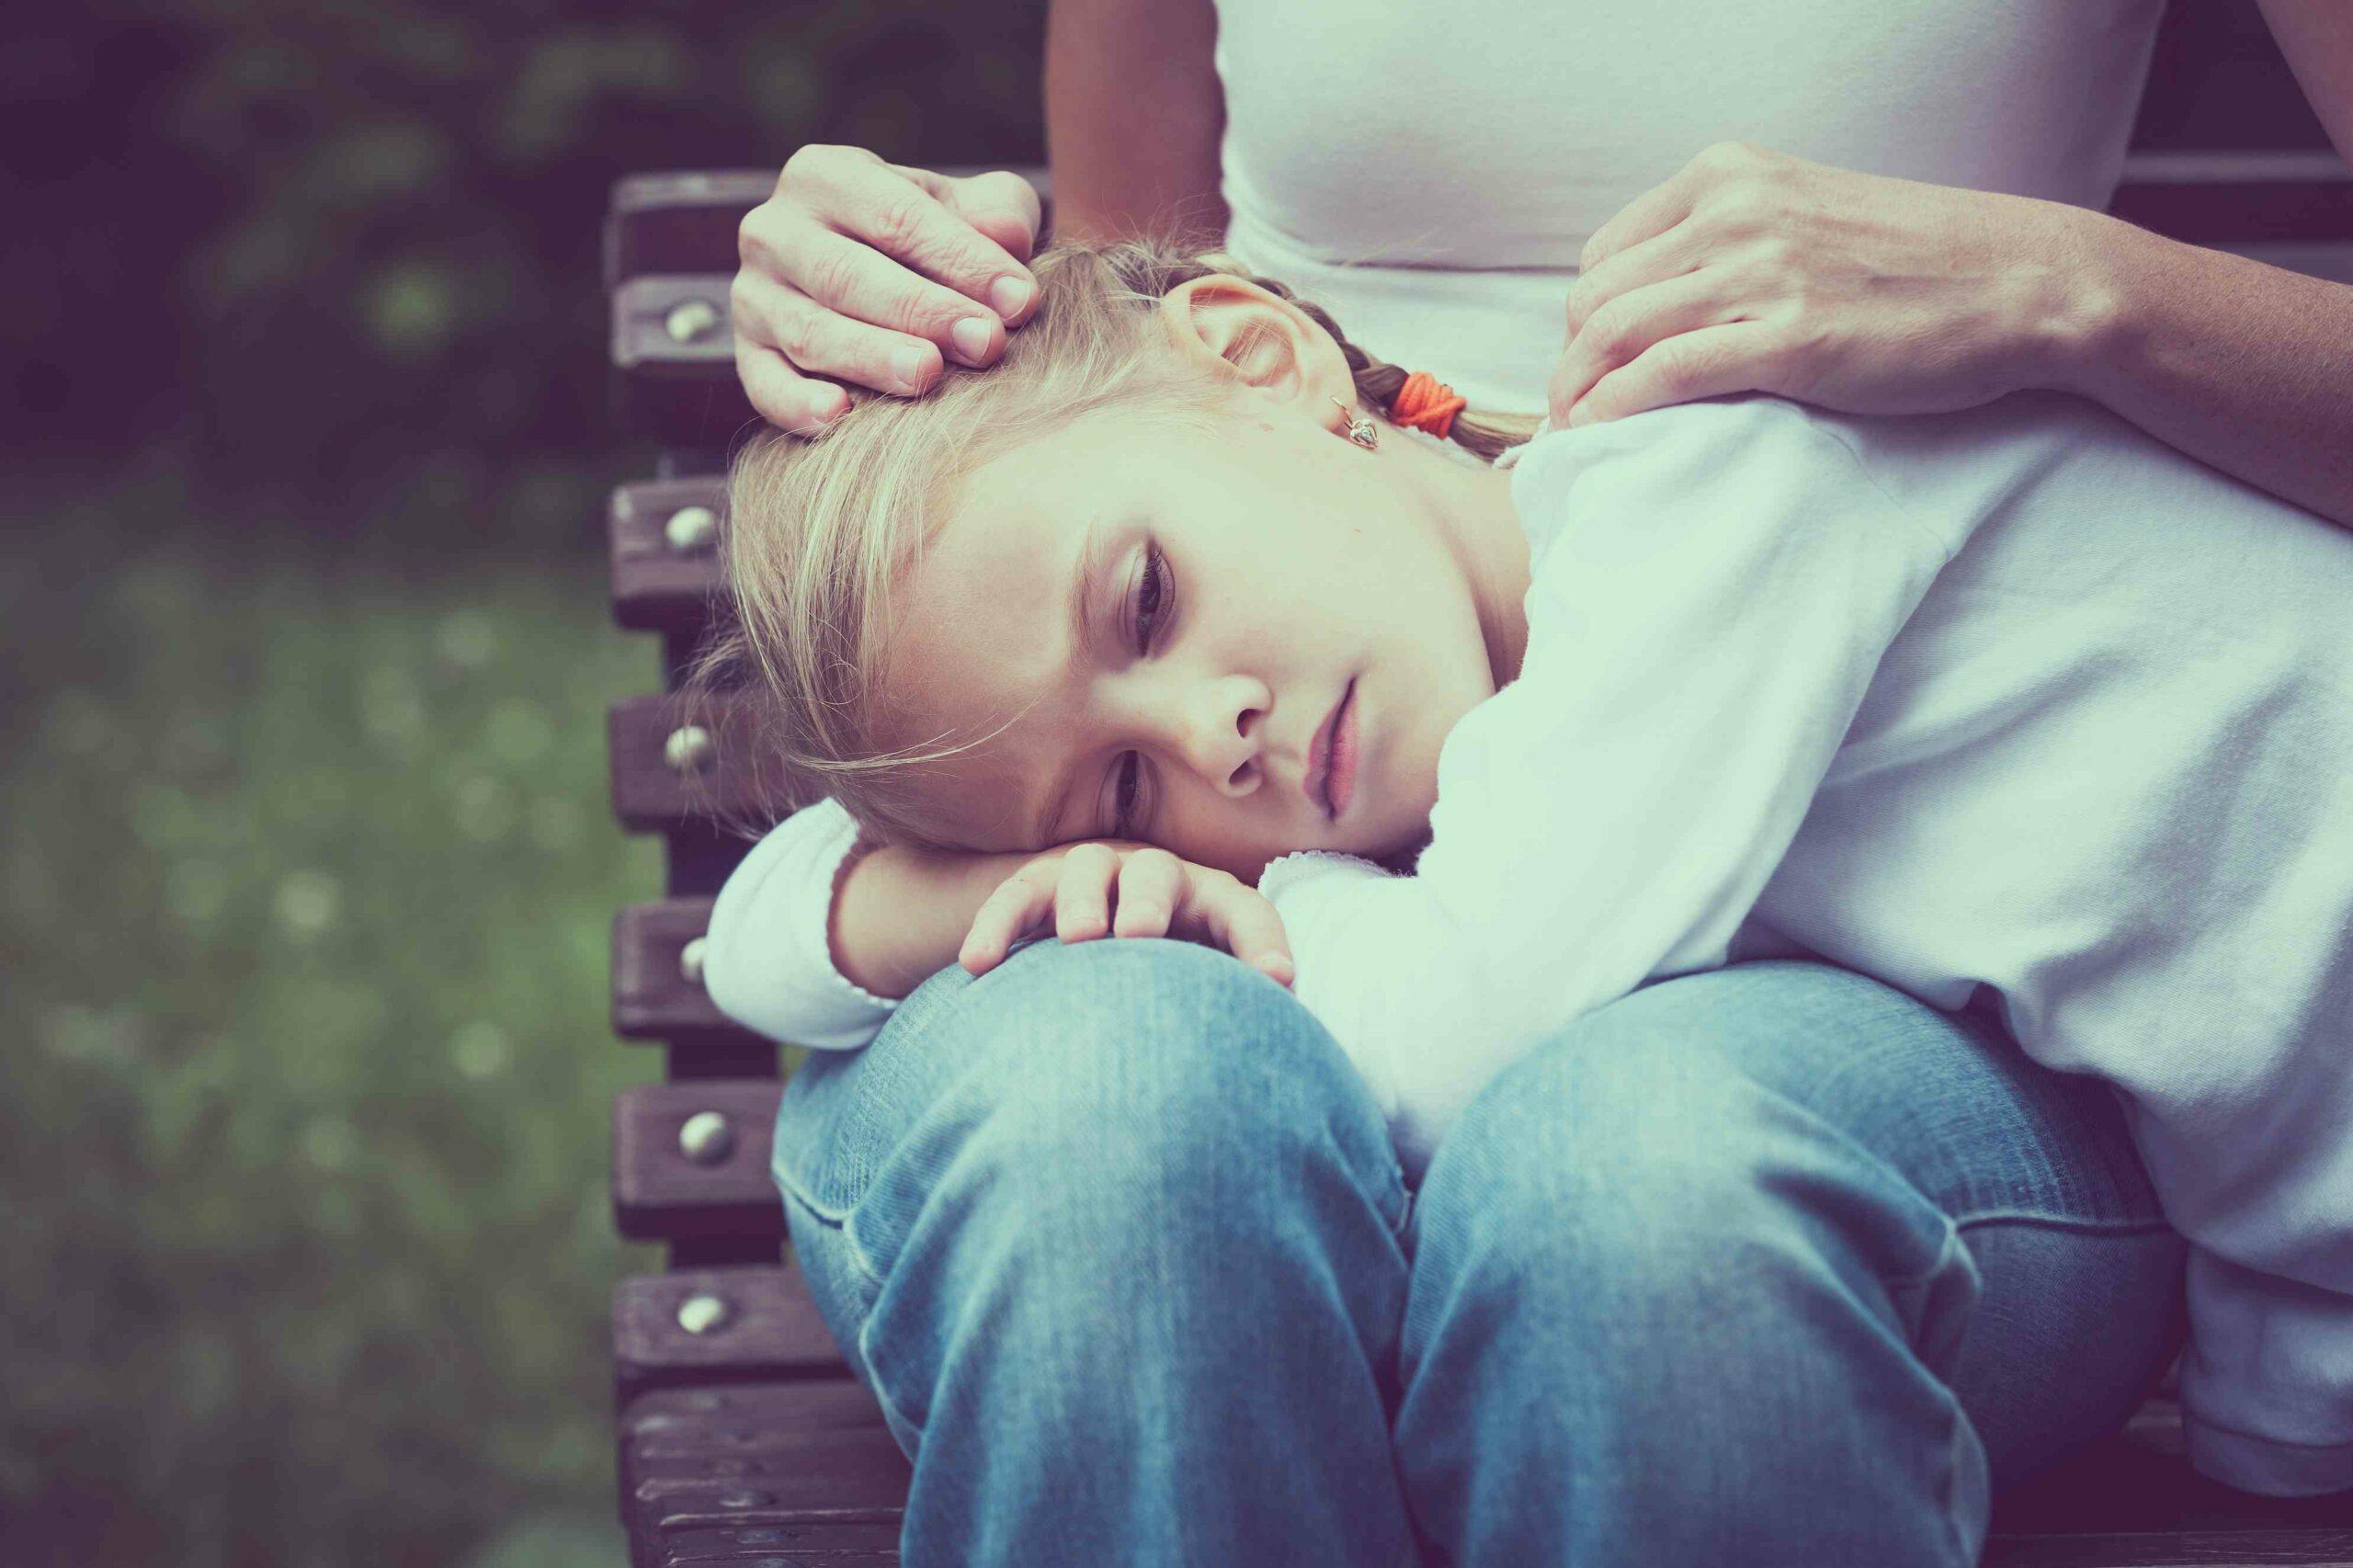 La pandemia de coronavirus incrementa el insomnio y las pesadillas en los niños